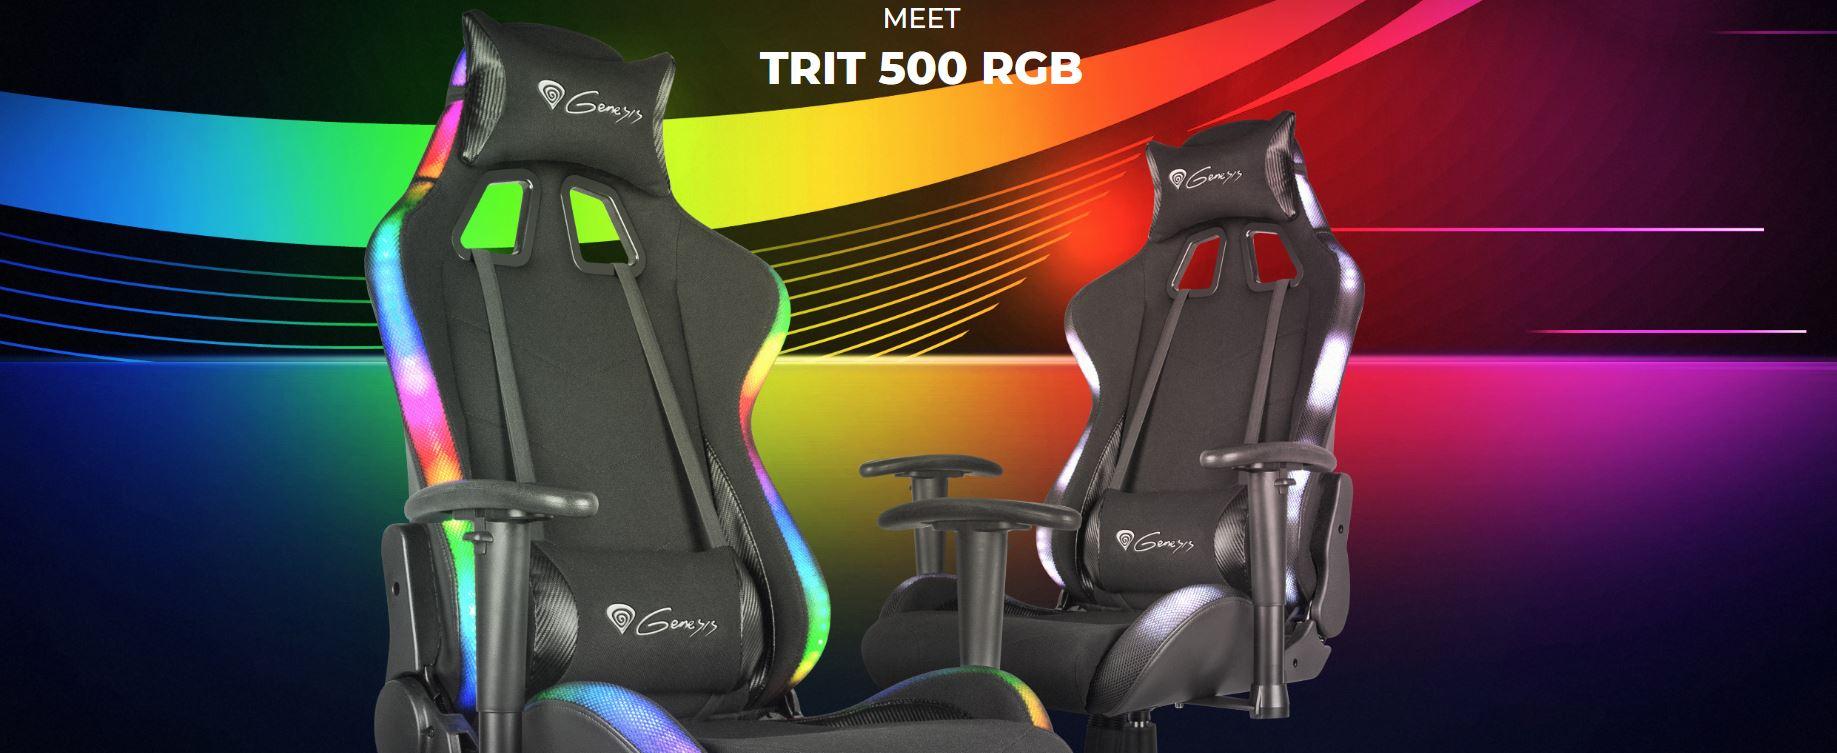 Genesis Trit 500 RGB – 1